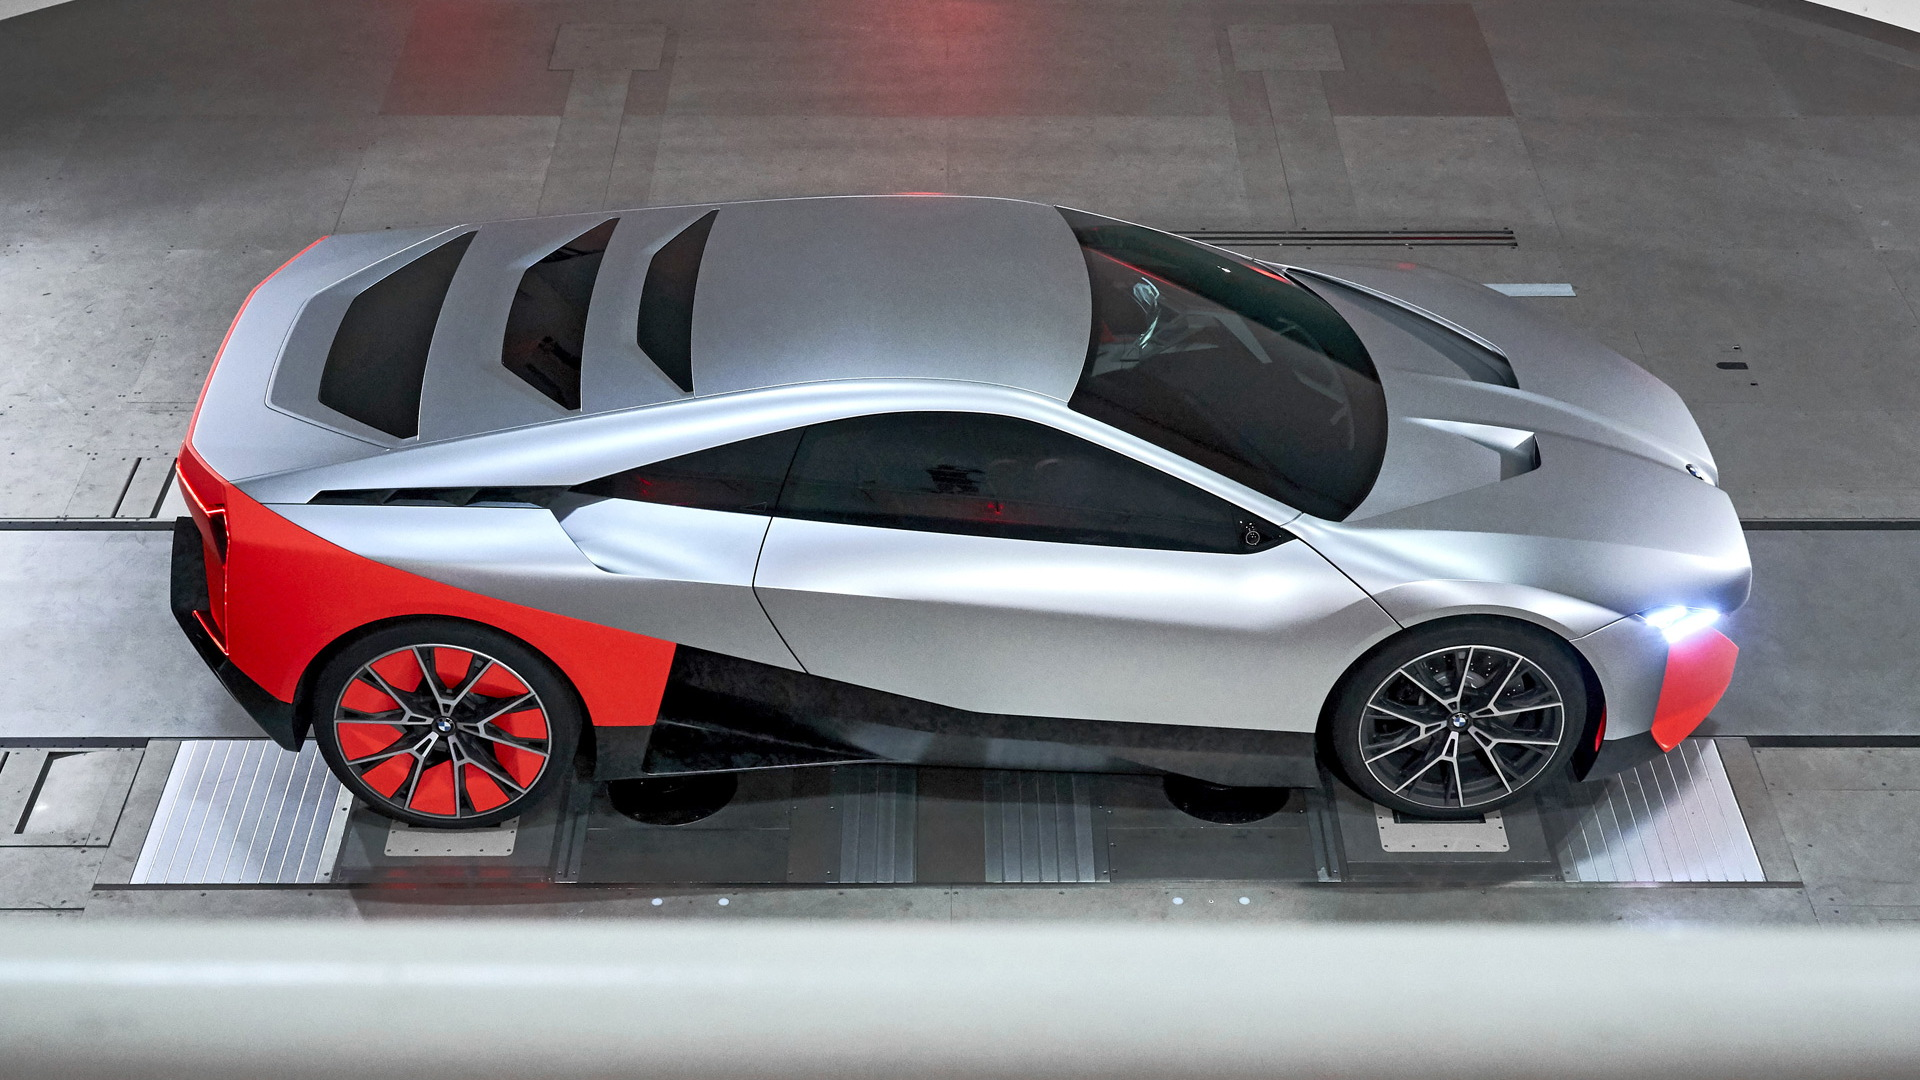 BMW Vision M Next concept